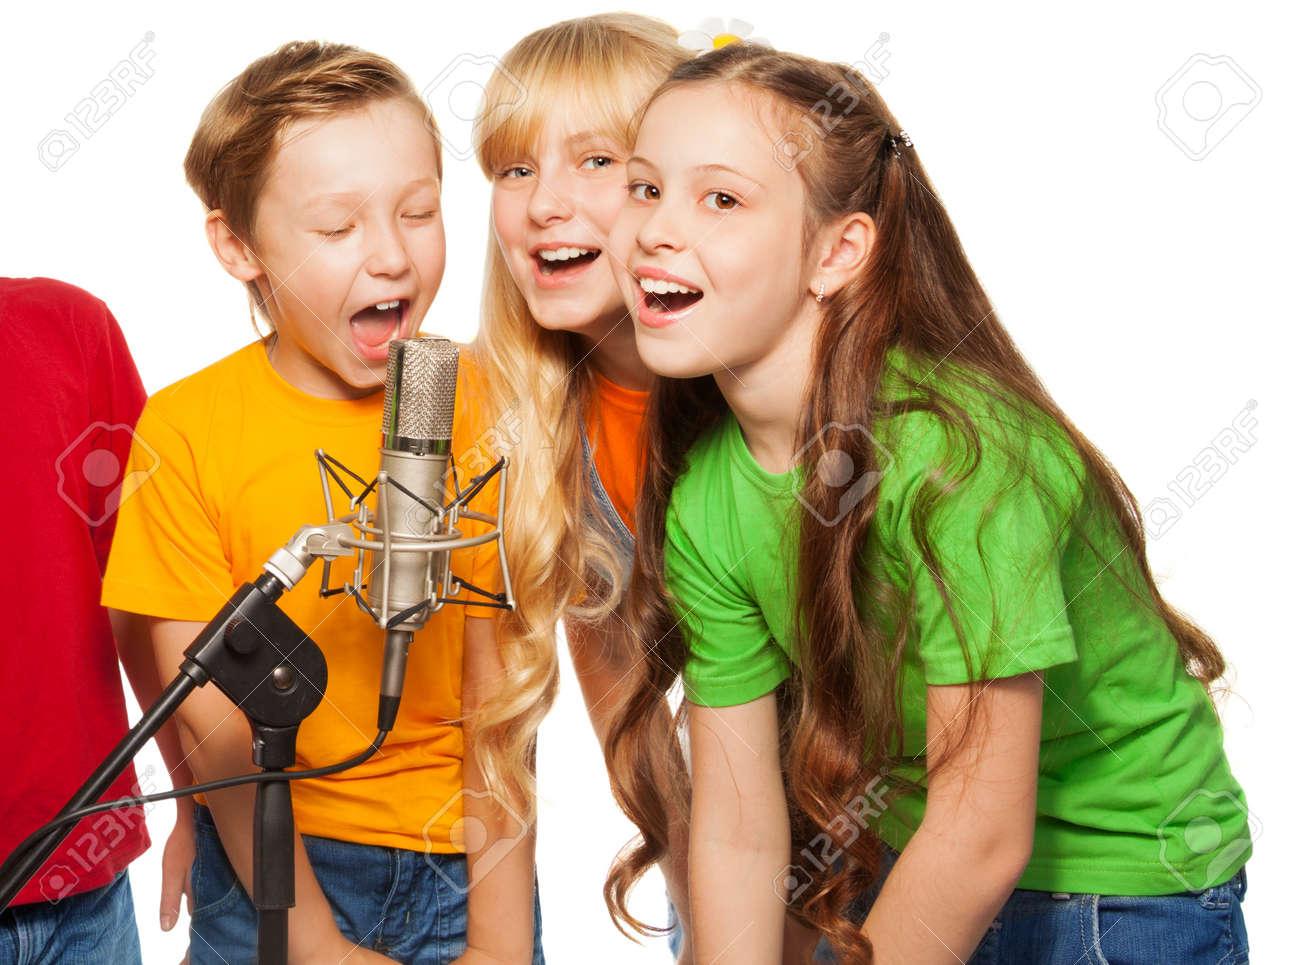 Конкурсы для девочек и мальчиков смешные